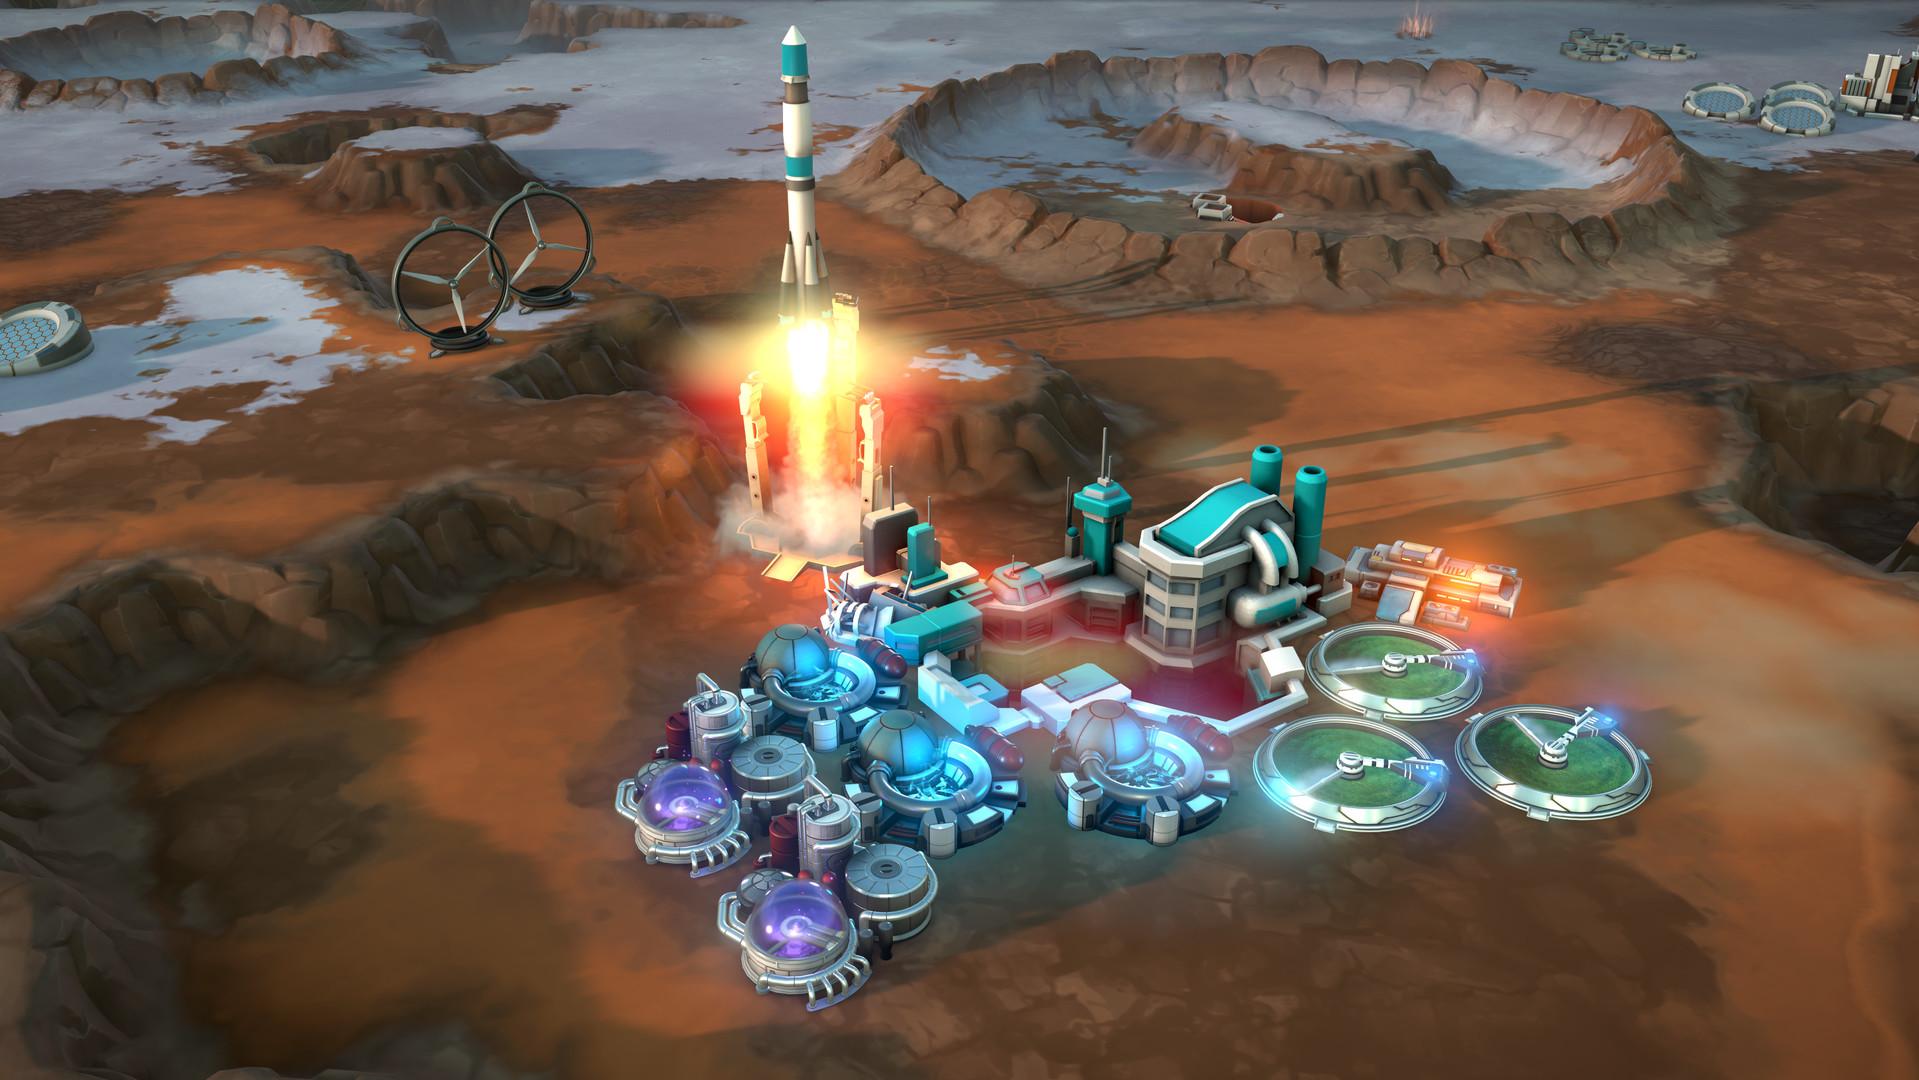 冒险&RTS双重满足,Epic Games本周限免放送两款科幻游戏